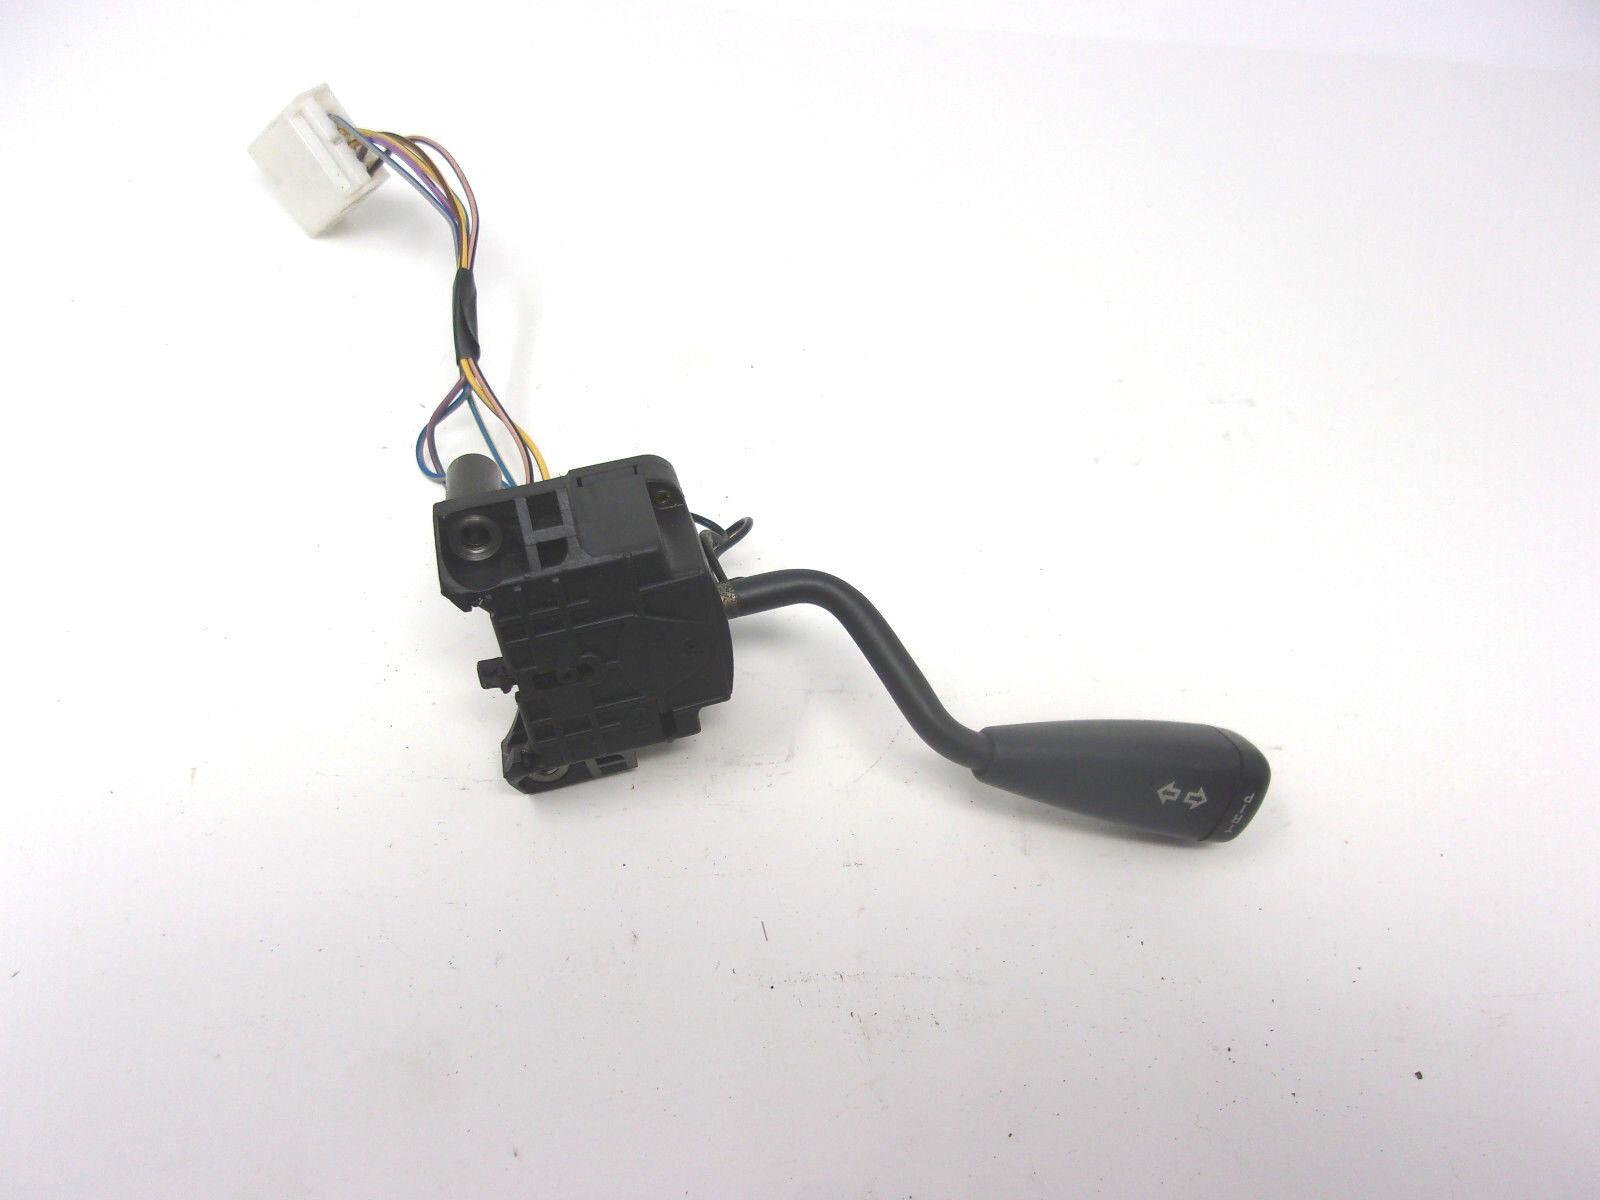 Used Turn Signal Wiring Harnesses For The Jaguar Xj 1994 Xj6 Harness Vandenplas Switch Lmd6455aa